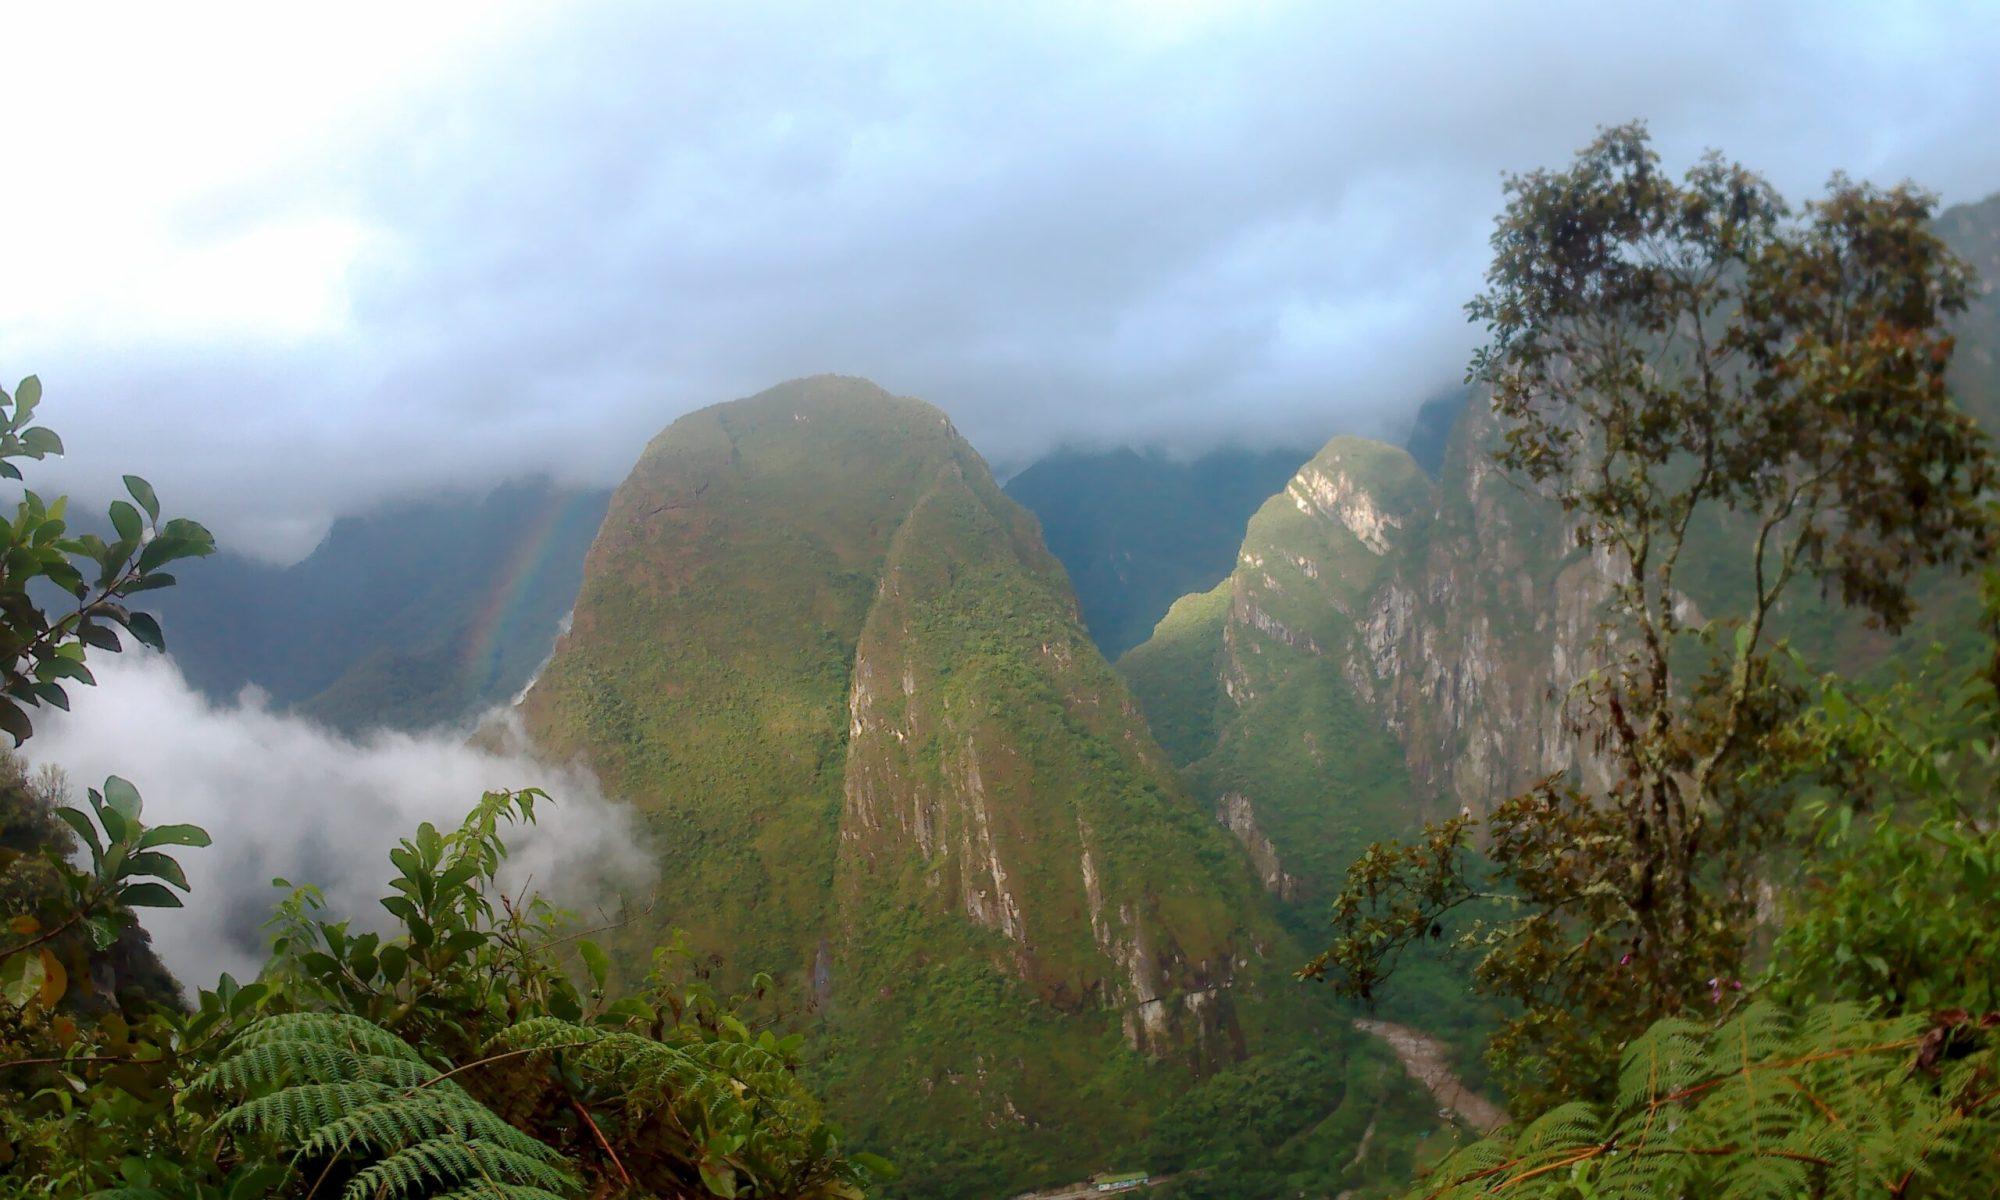 K in Motion Travel Blog. Mountain Rainbow at Machu Picchu, near Aguas Calientes, Peru